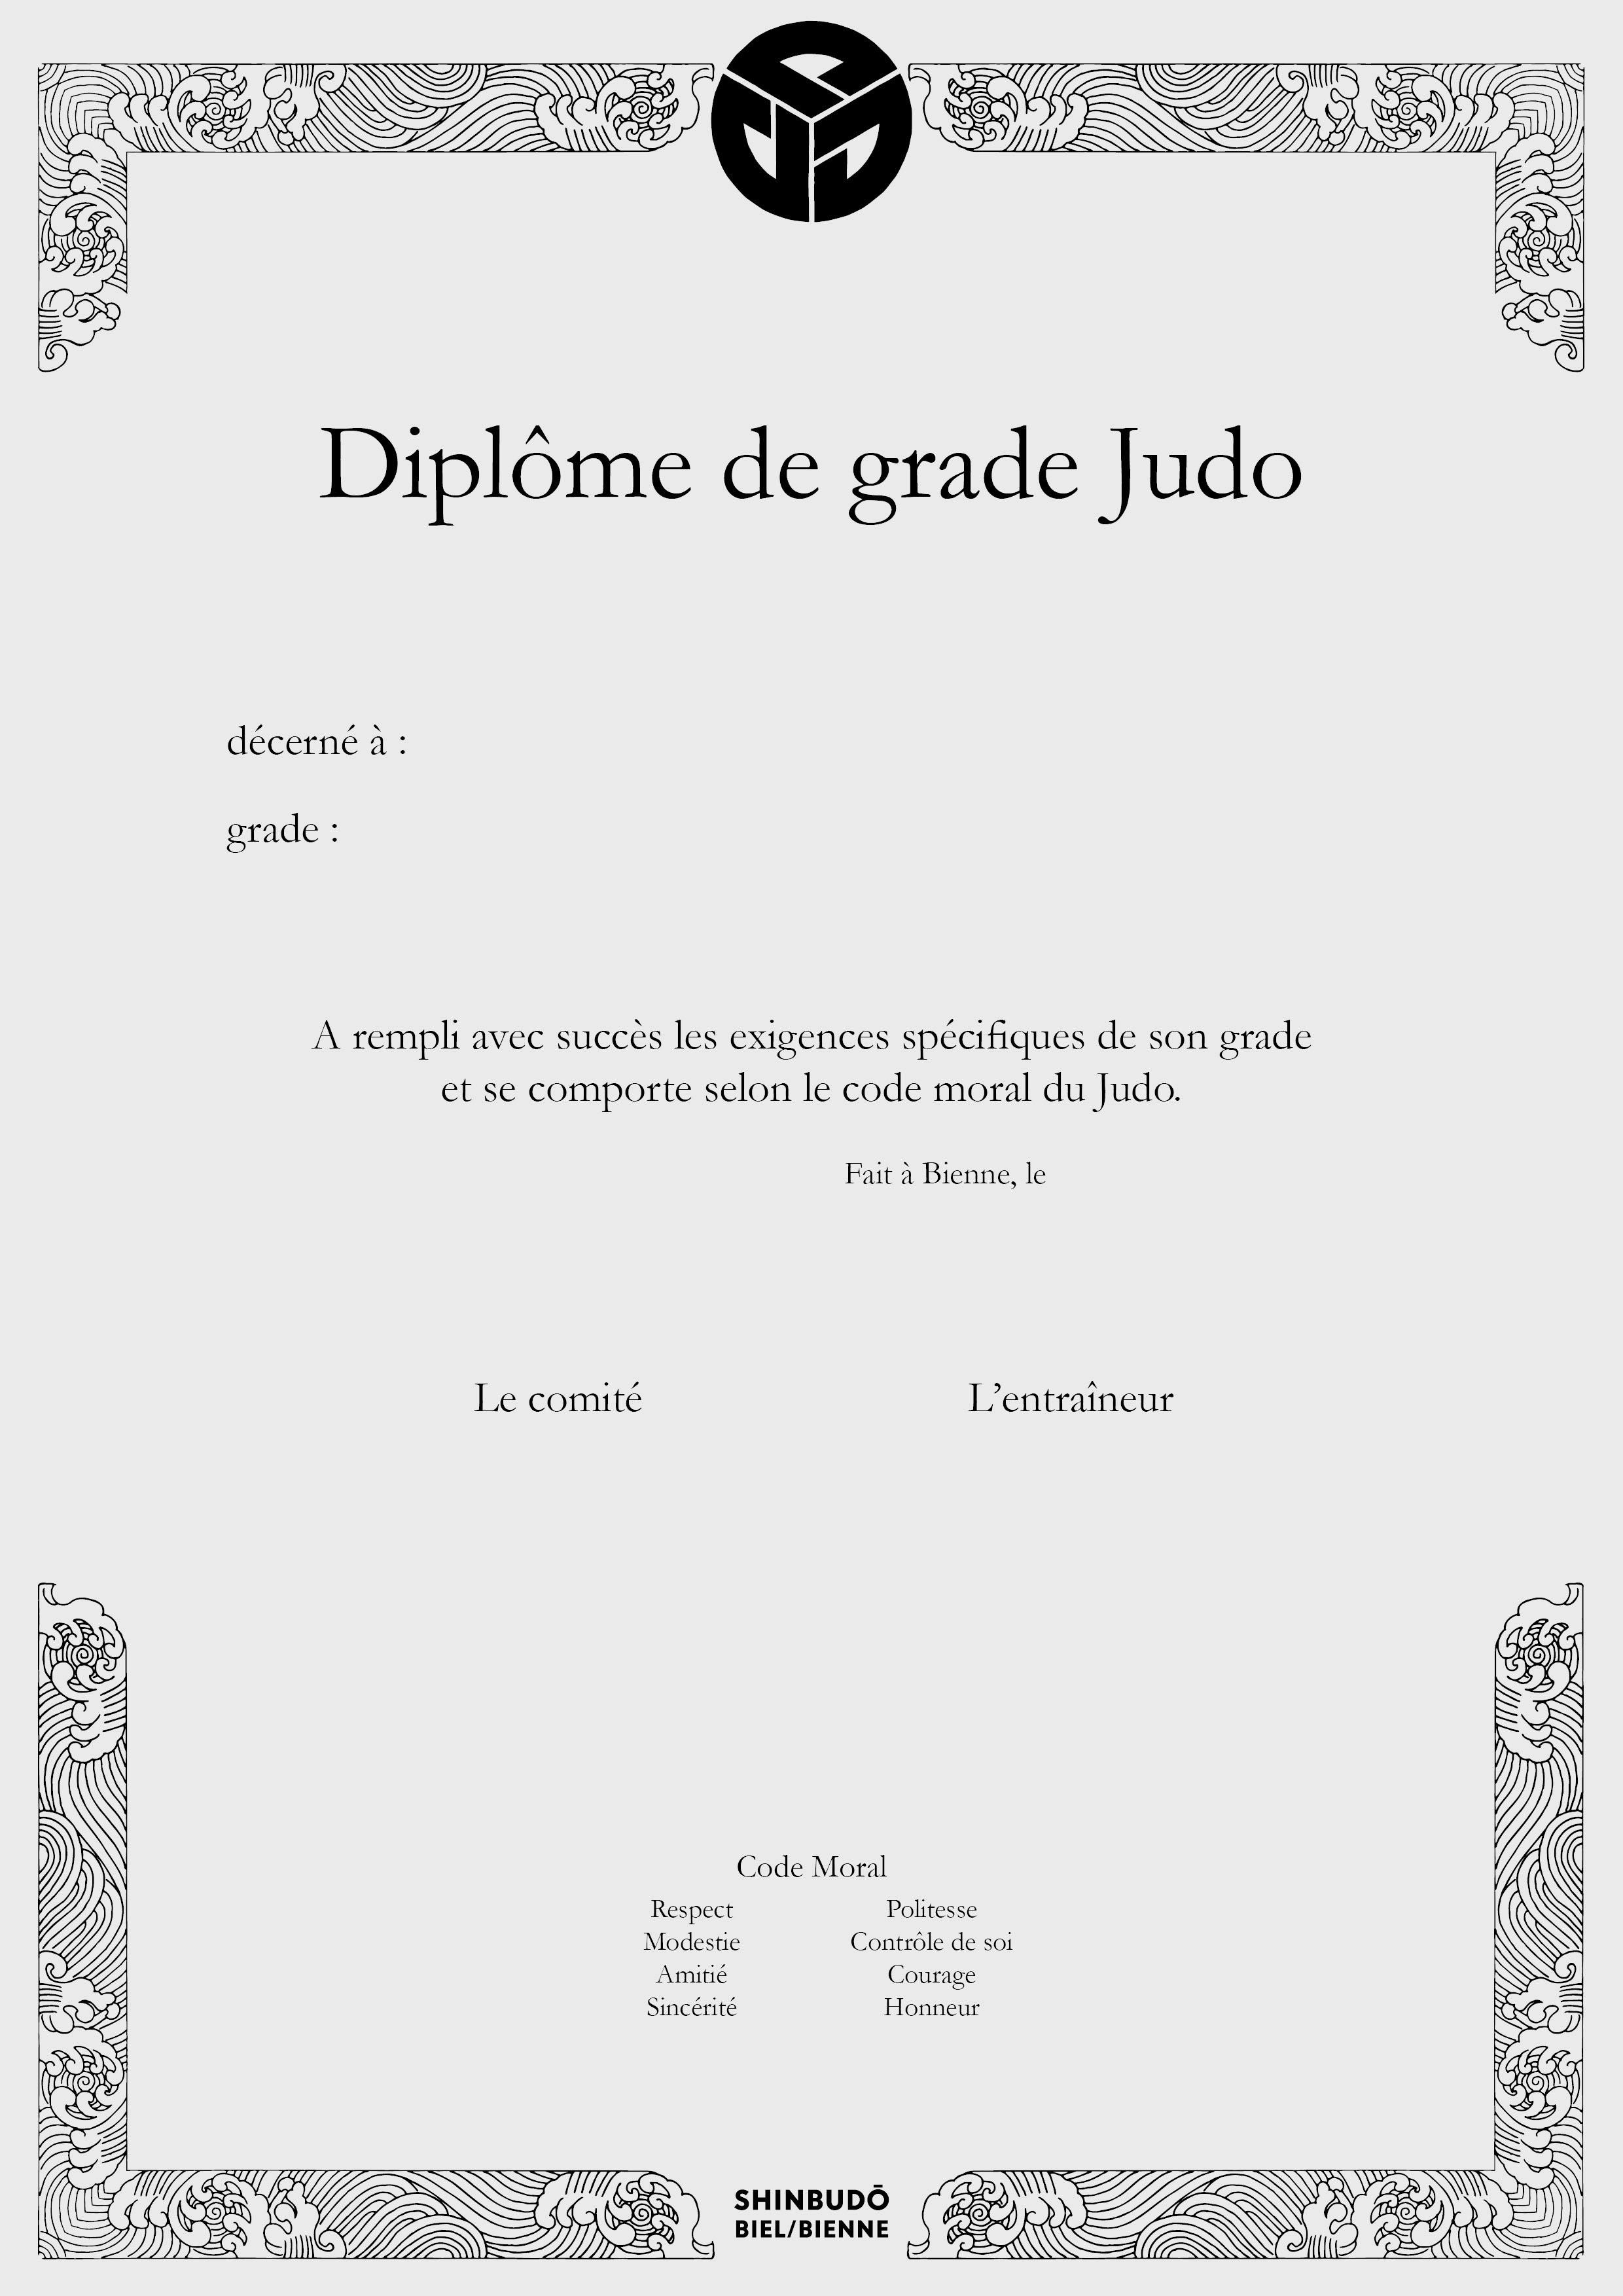 Nadia de Donno shinbudo